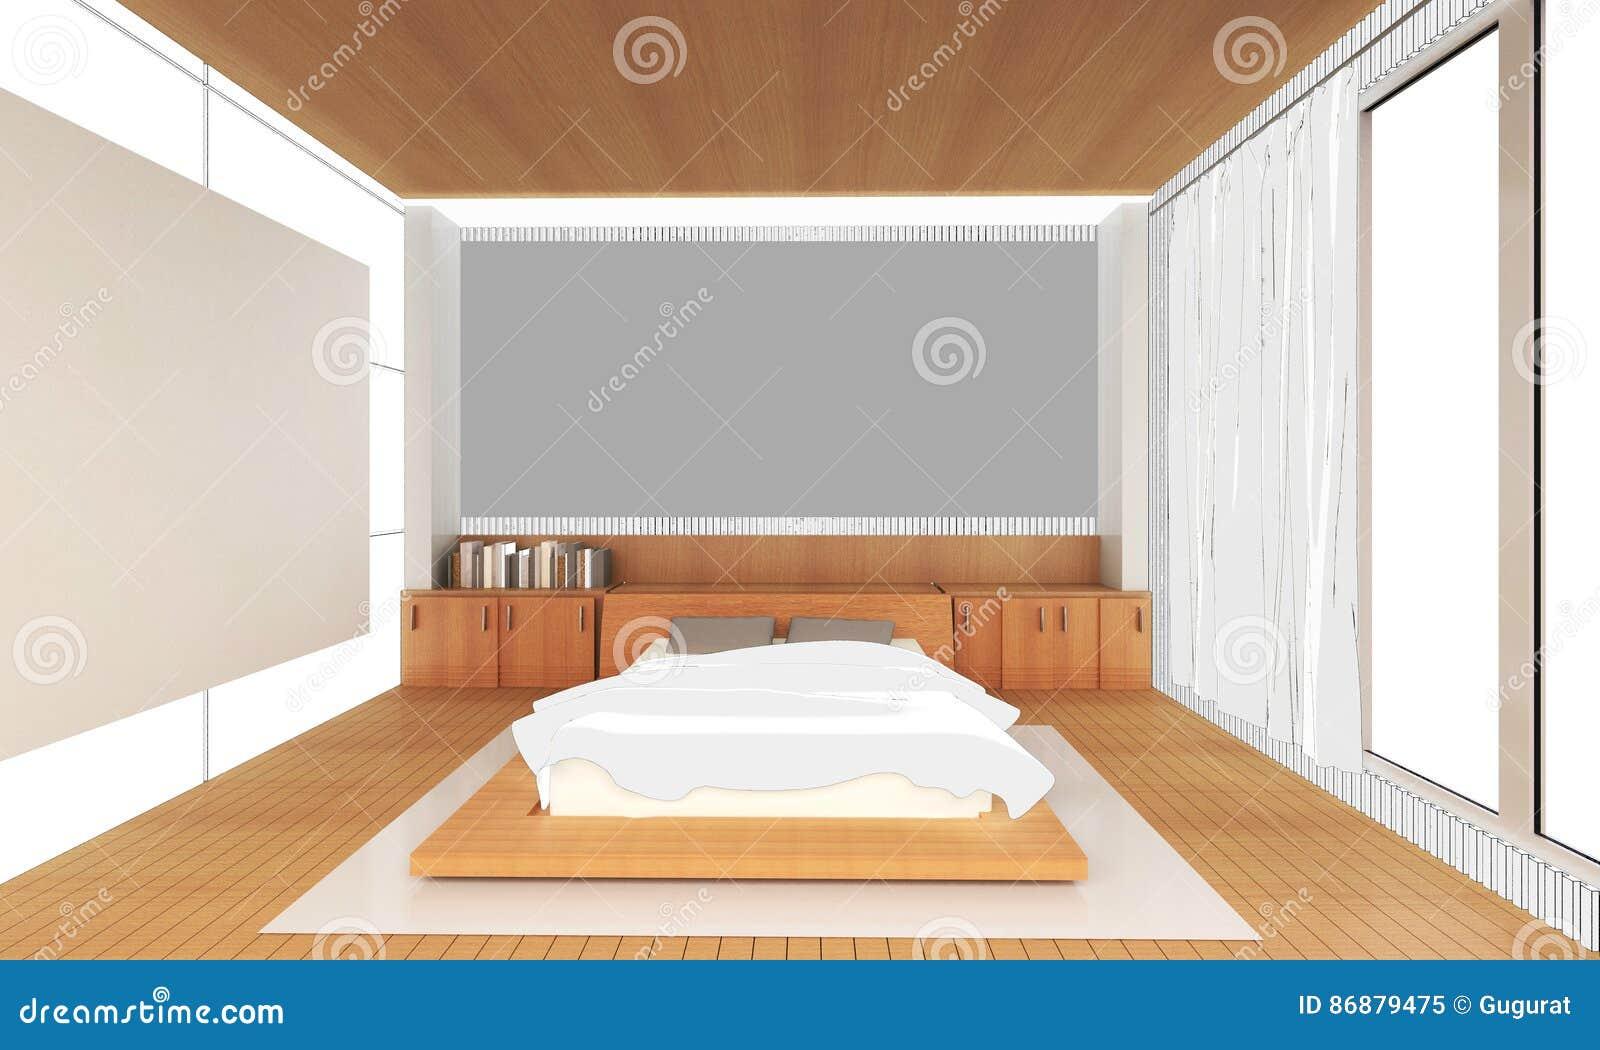 Kreślić Wewnętrznego Sypialnia Pomysłu Dom I Dekorację